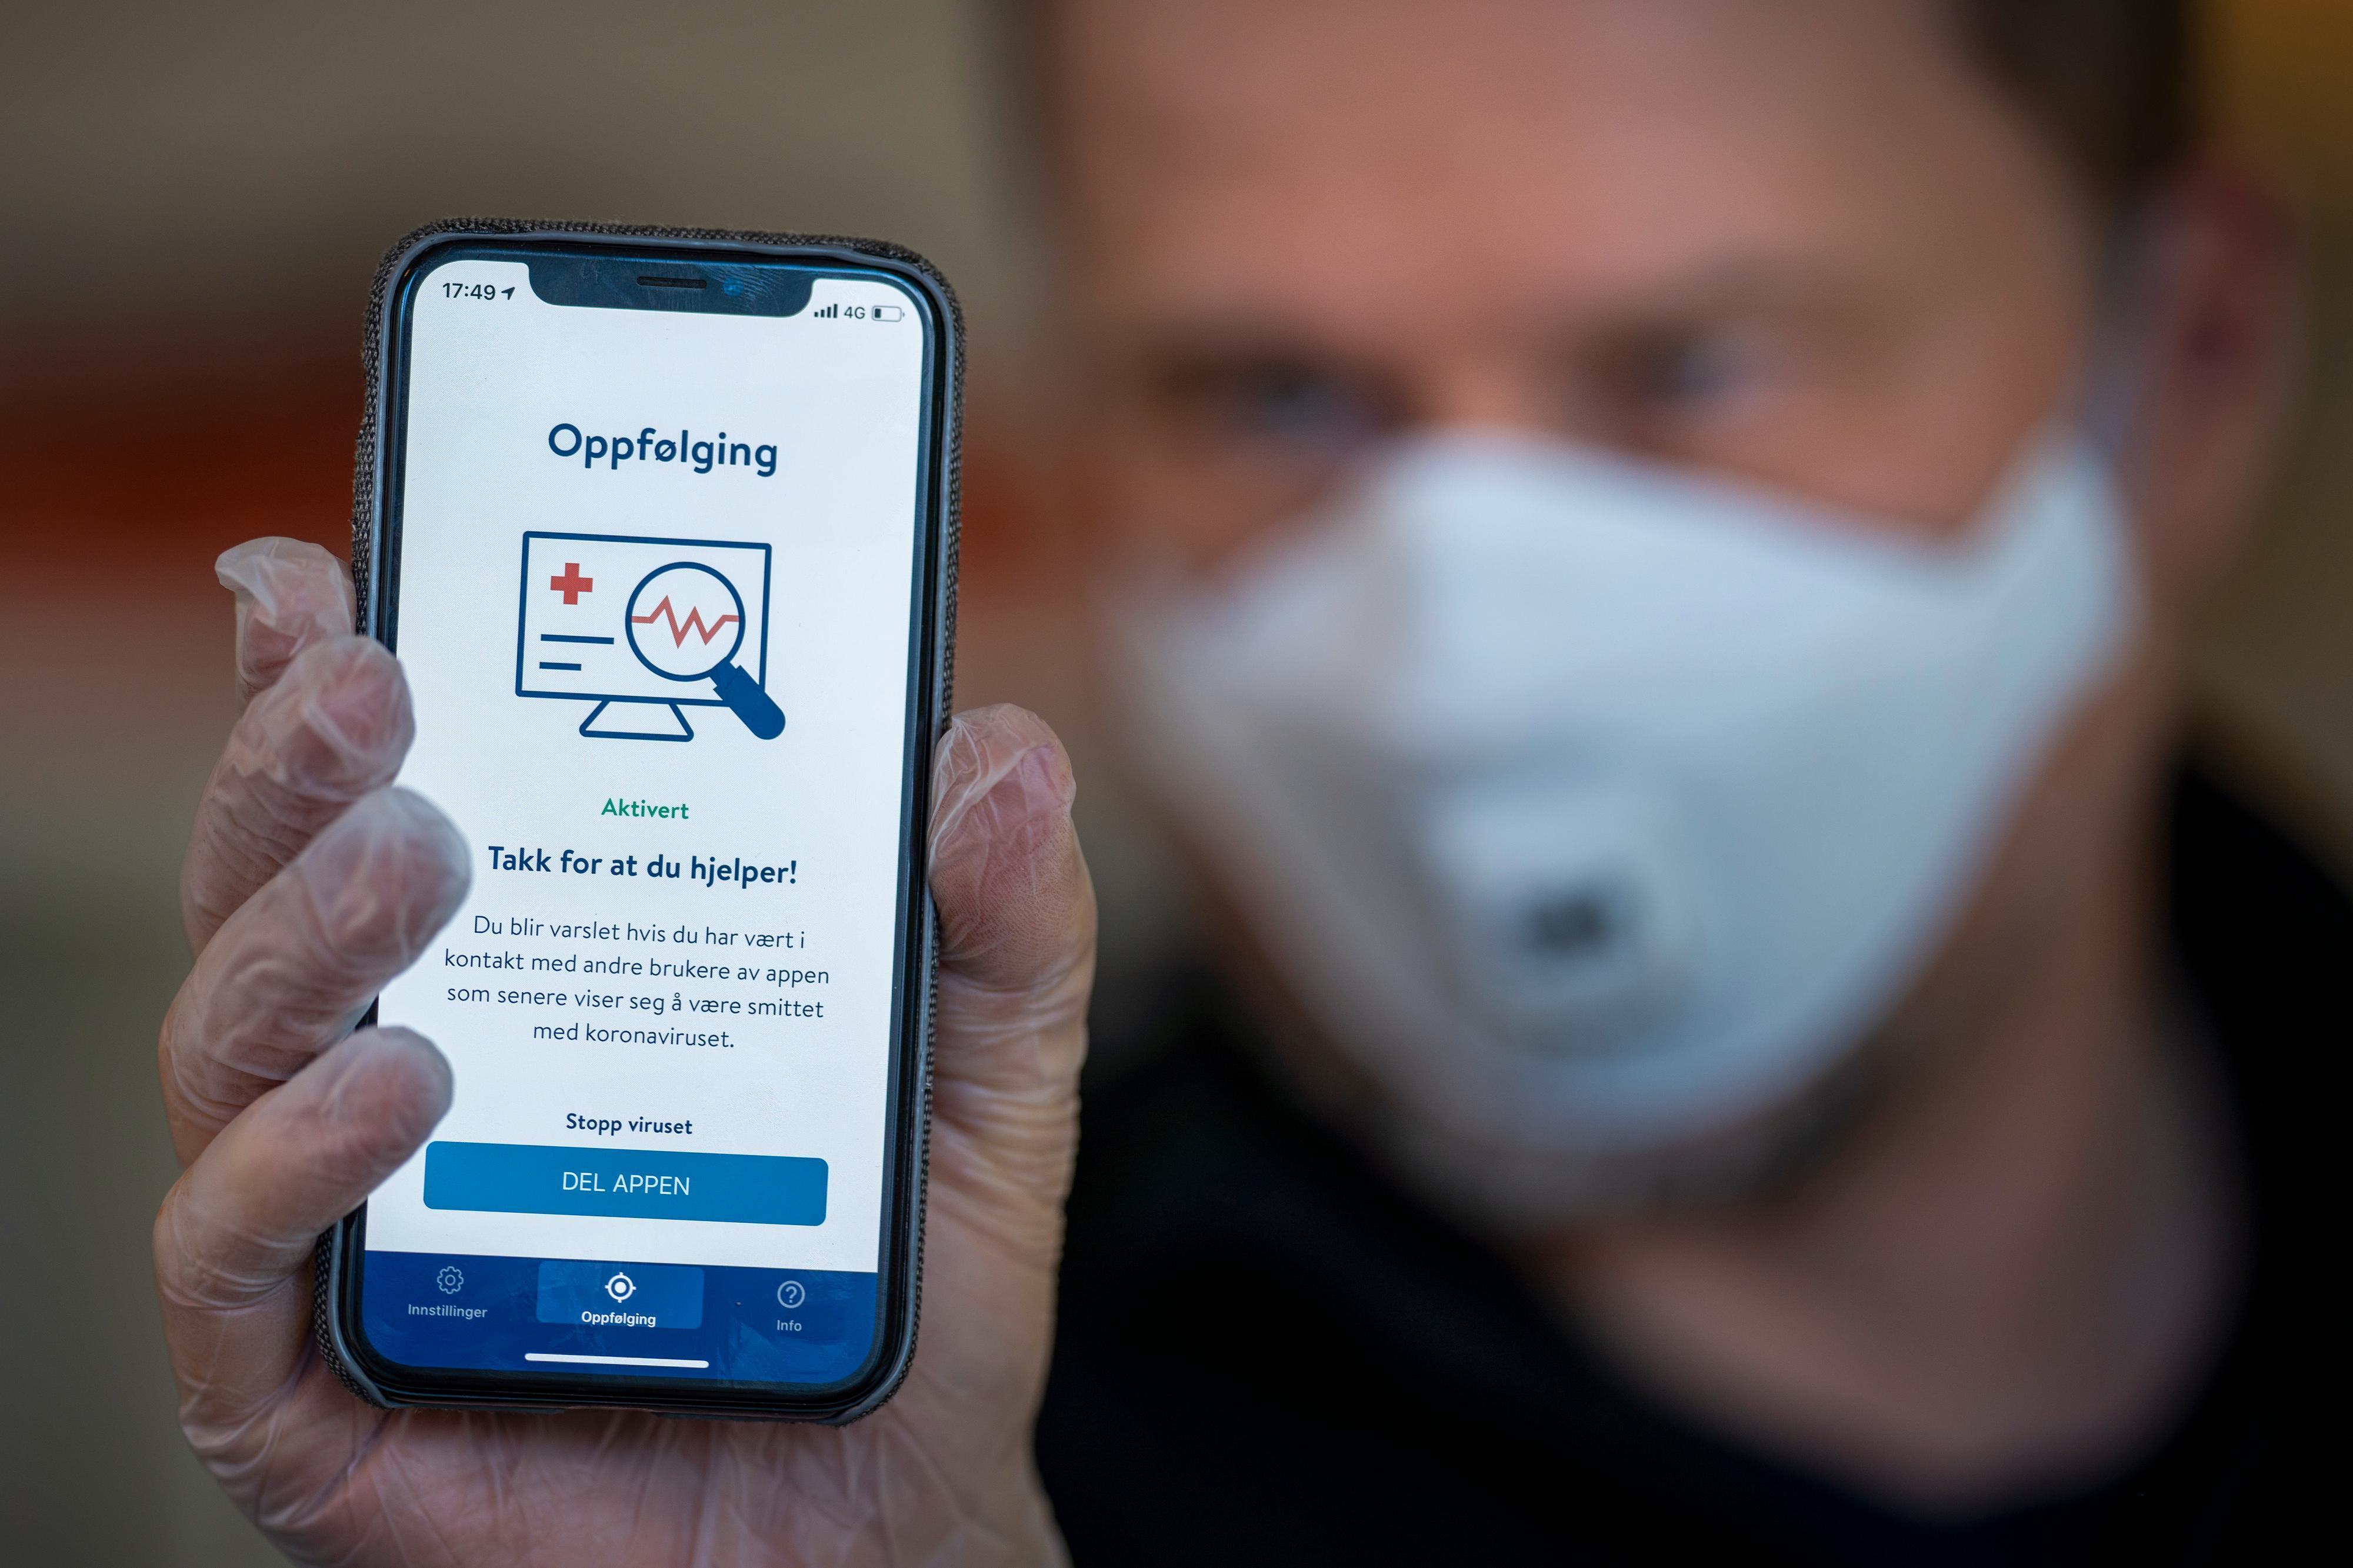 Folkehelseinstituttets Smittestopp-app ble etter hvert forkastet på grunn av personvernimplikasjonene. Nå er danske Netcompany valgt til å lage en ny.